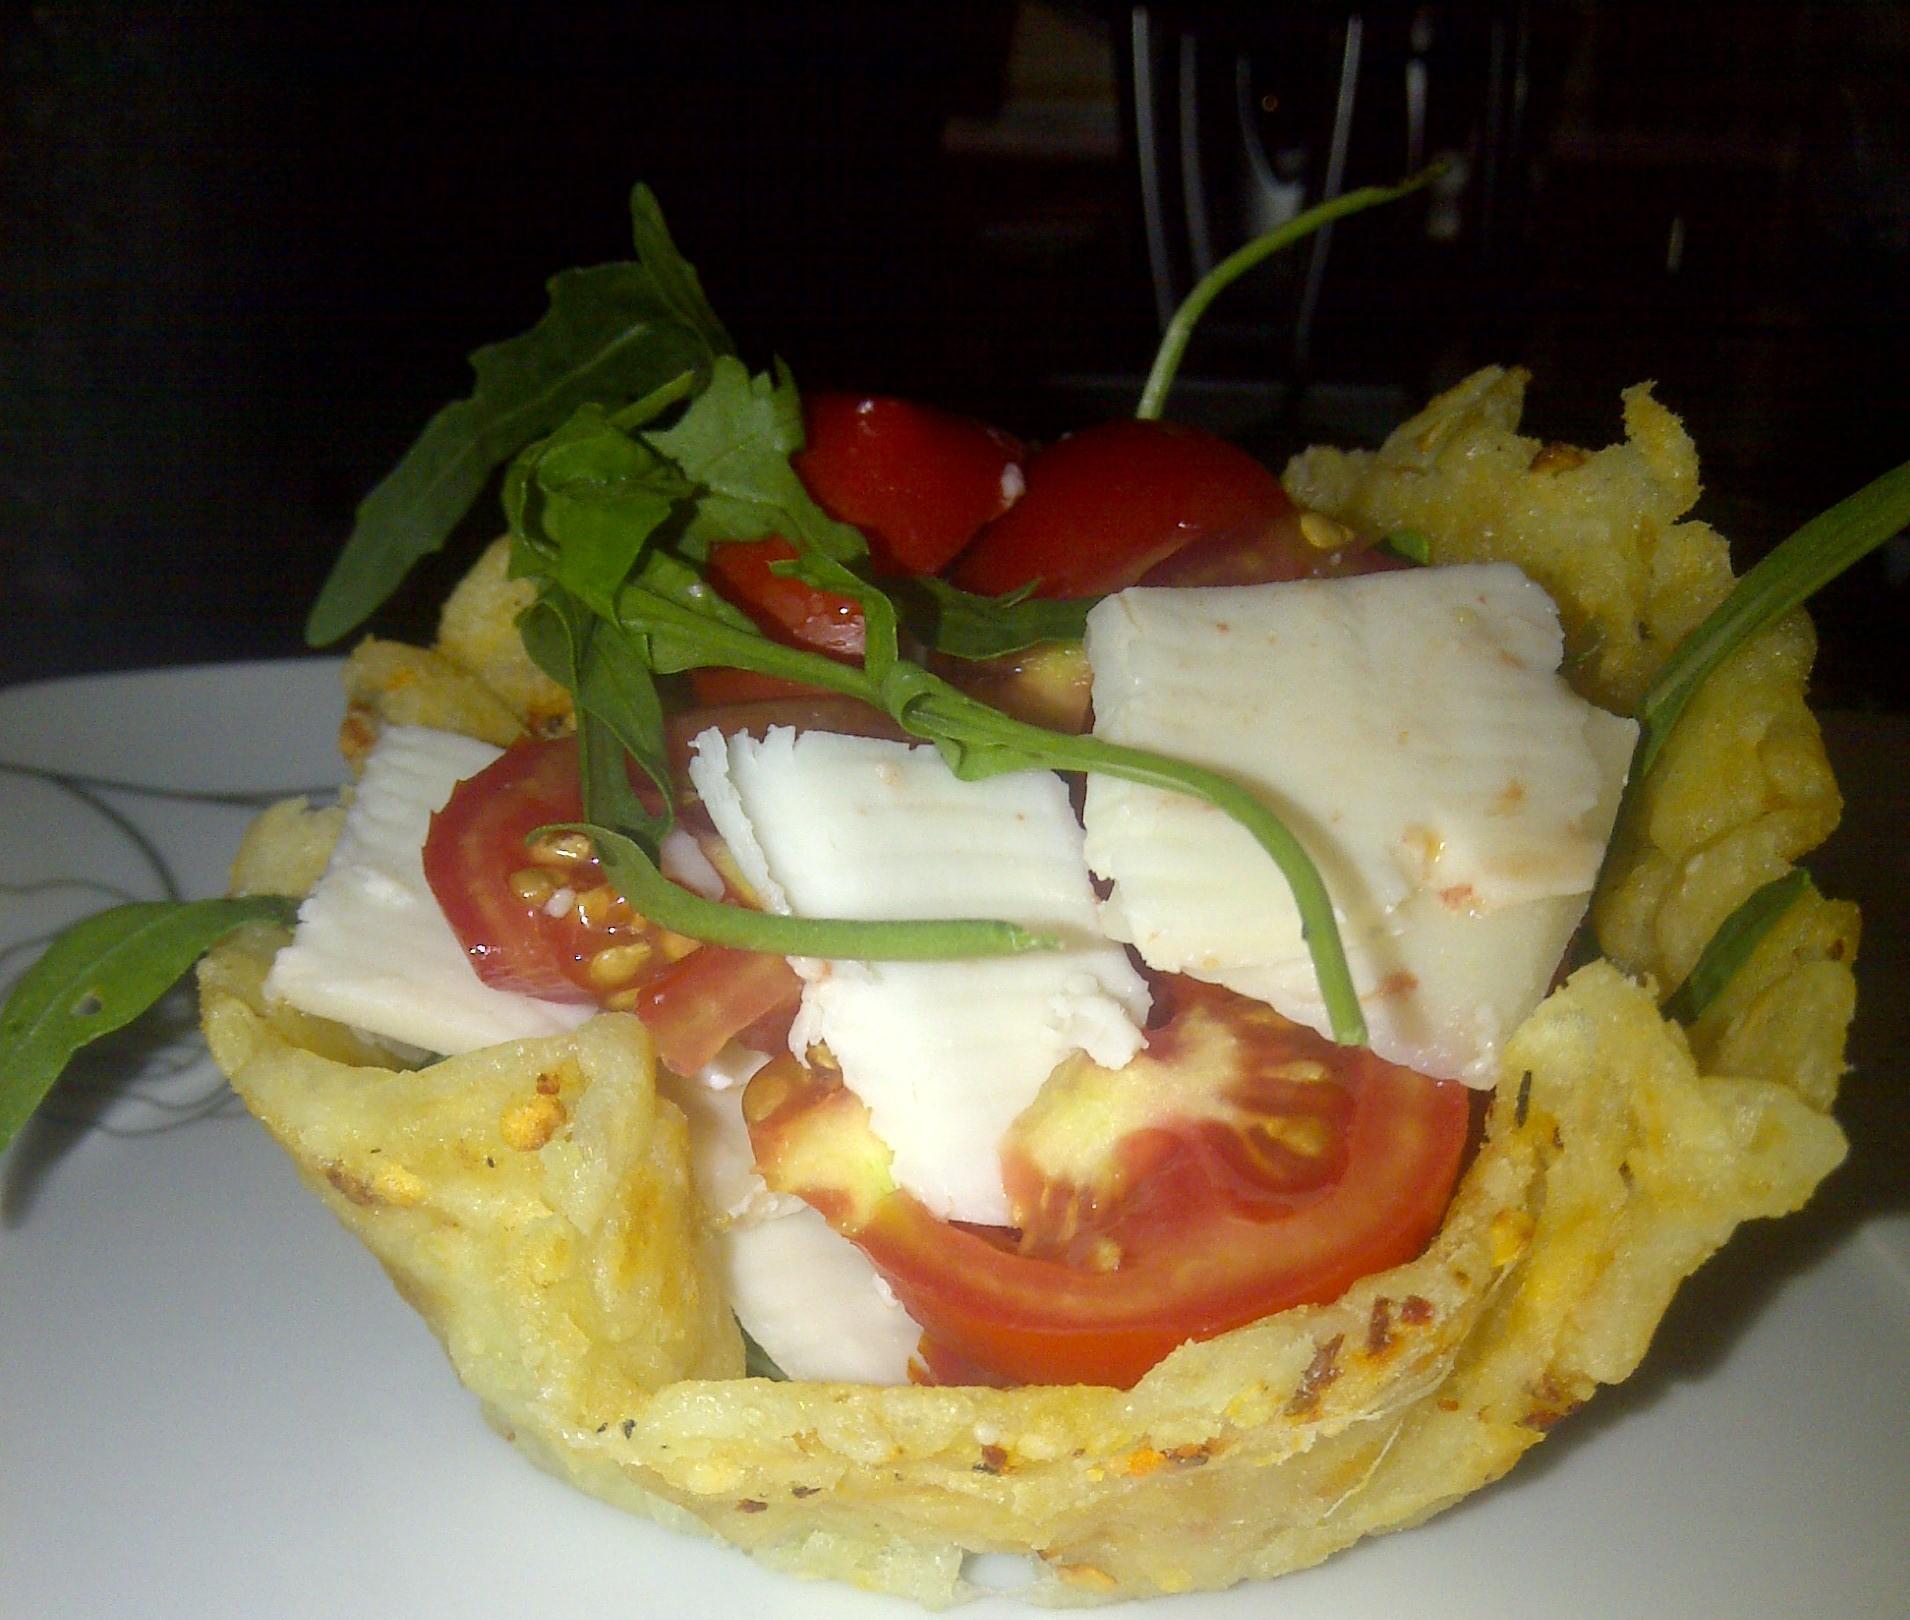 наименьшее салат из сырных корзиночек рецепт фото при условии